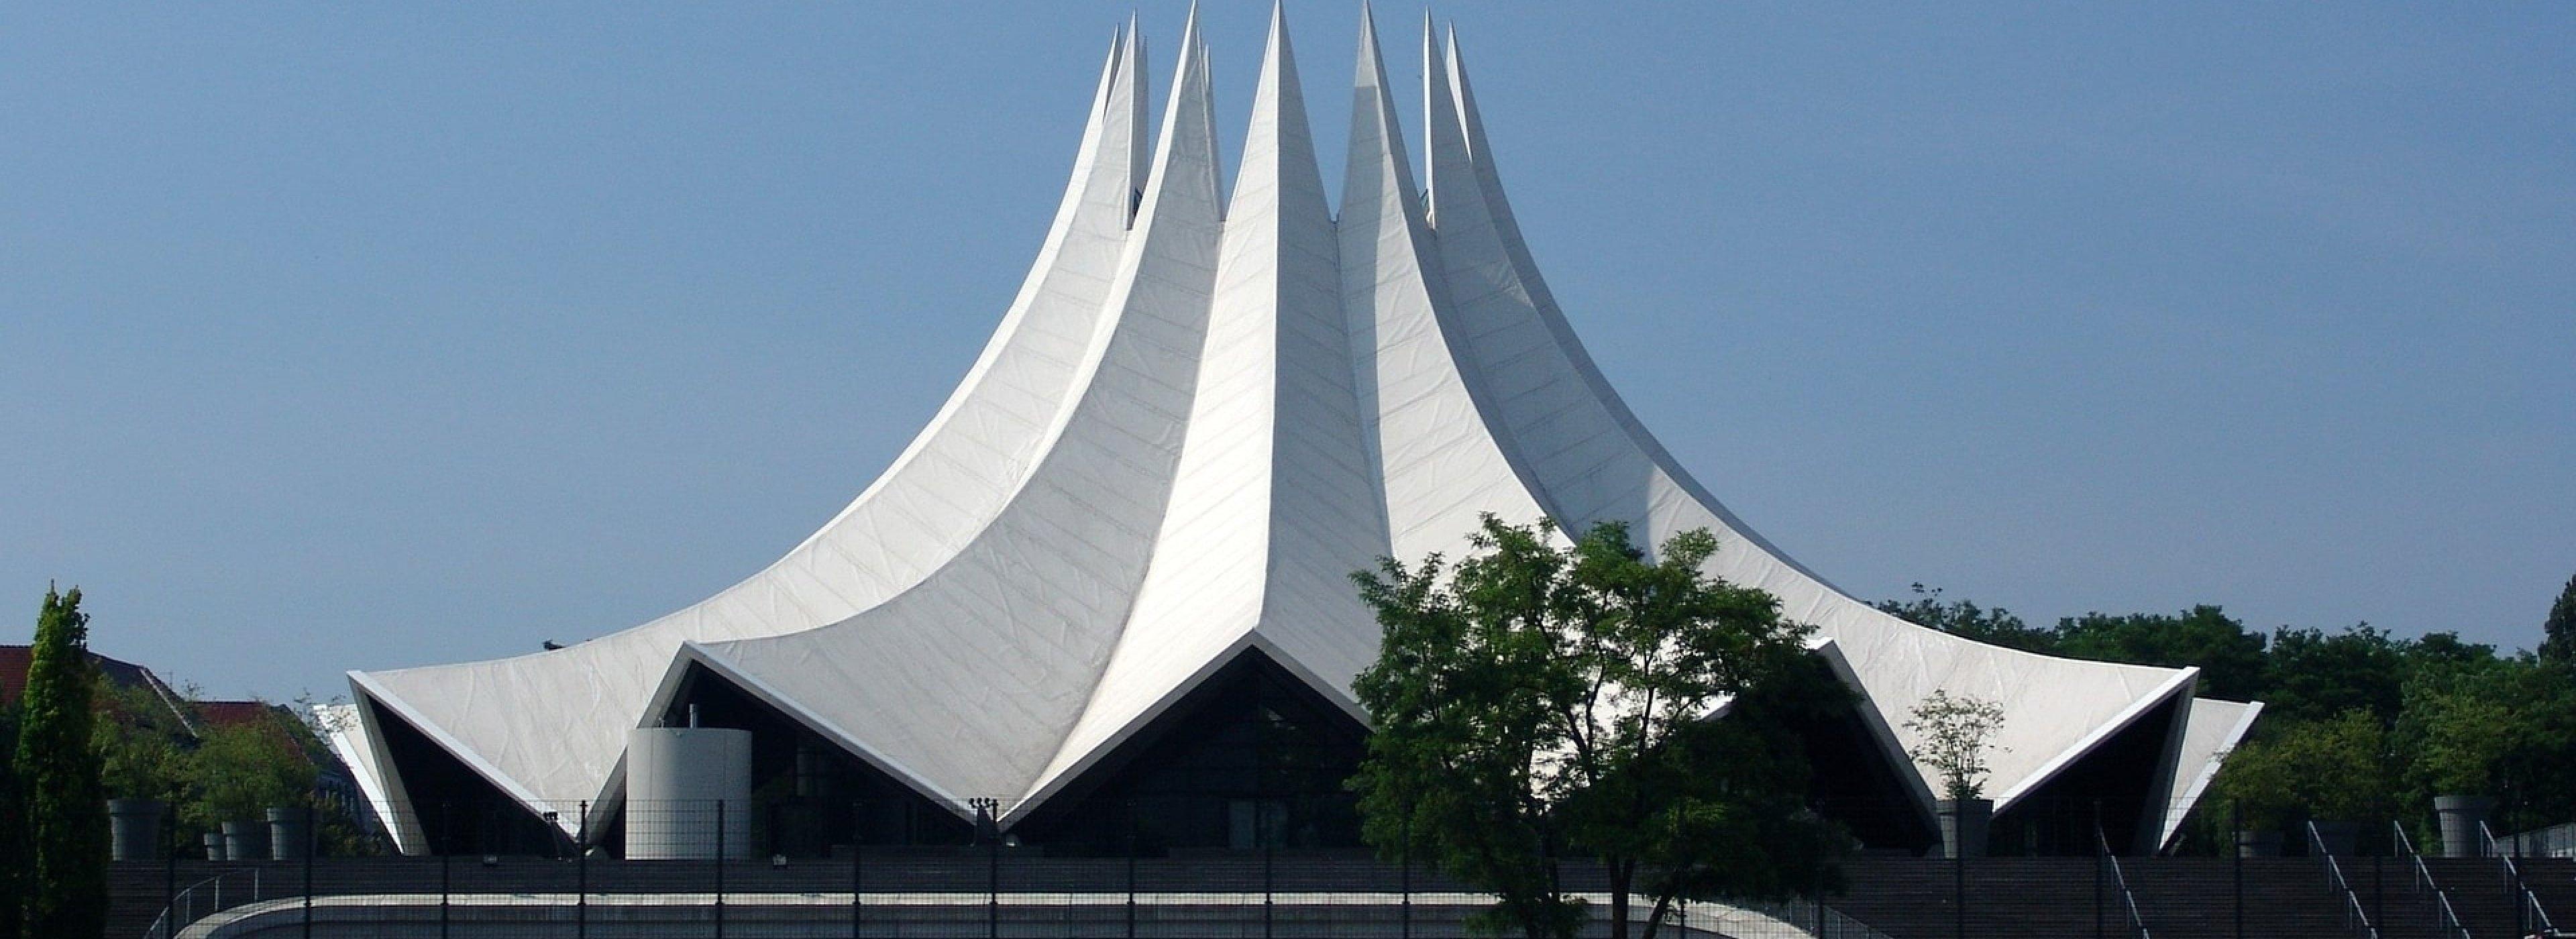 Modern Architecture Berlin & Zurich tour gallery